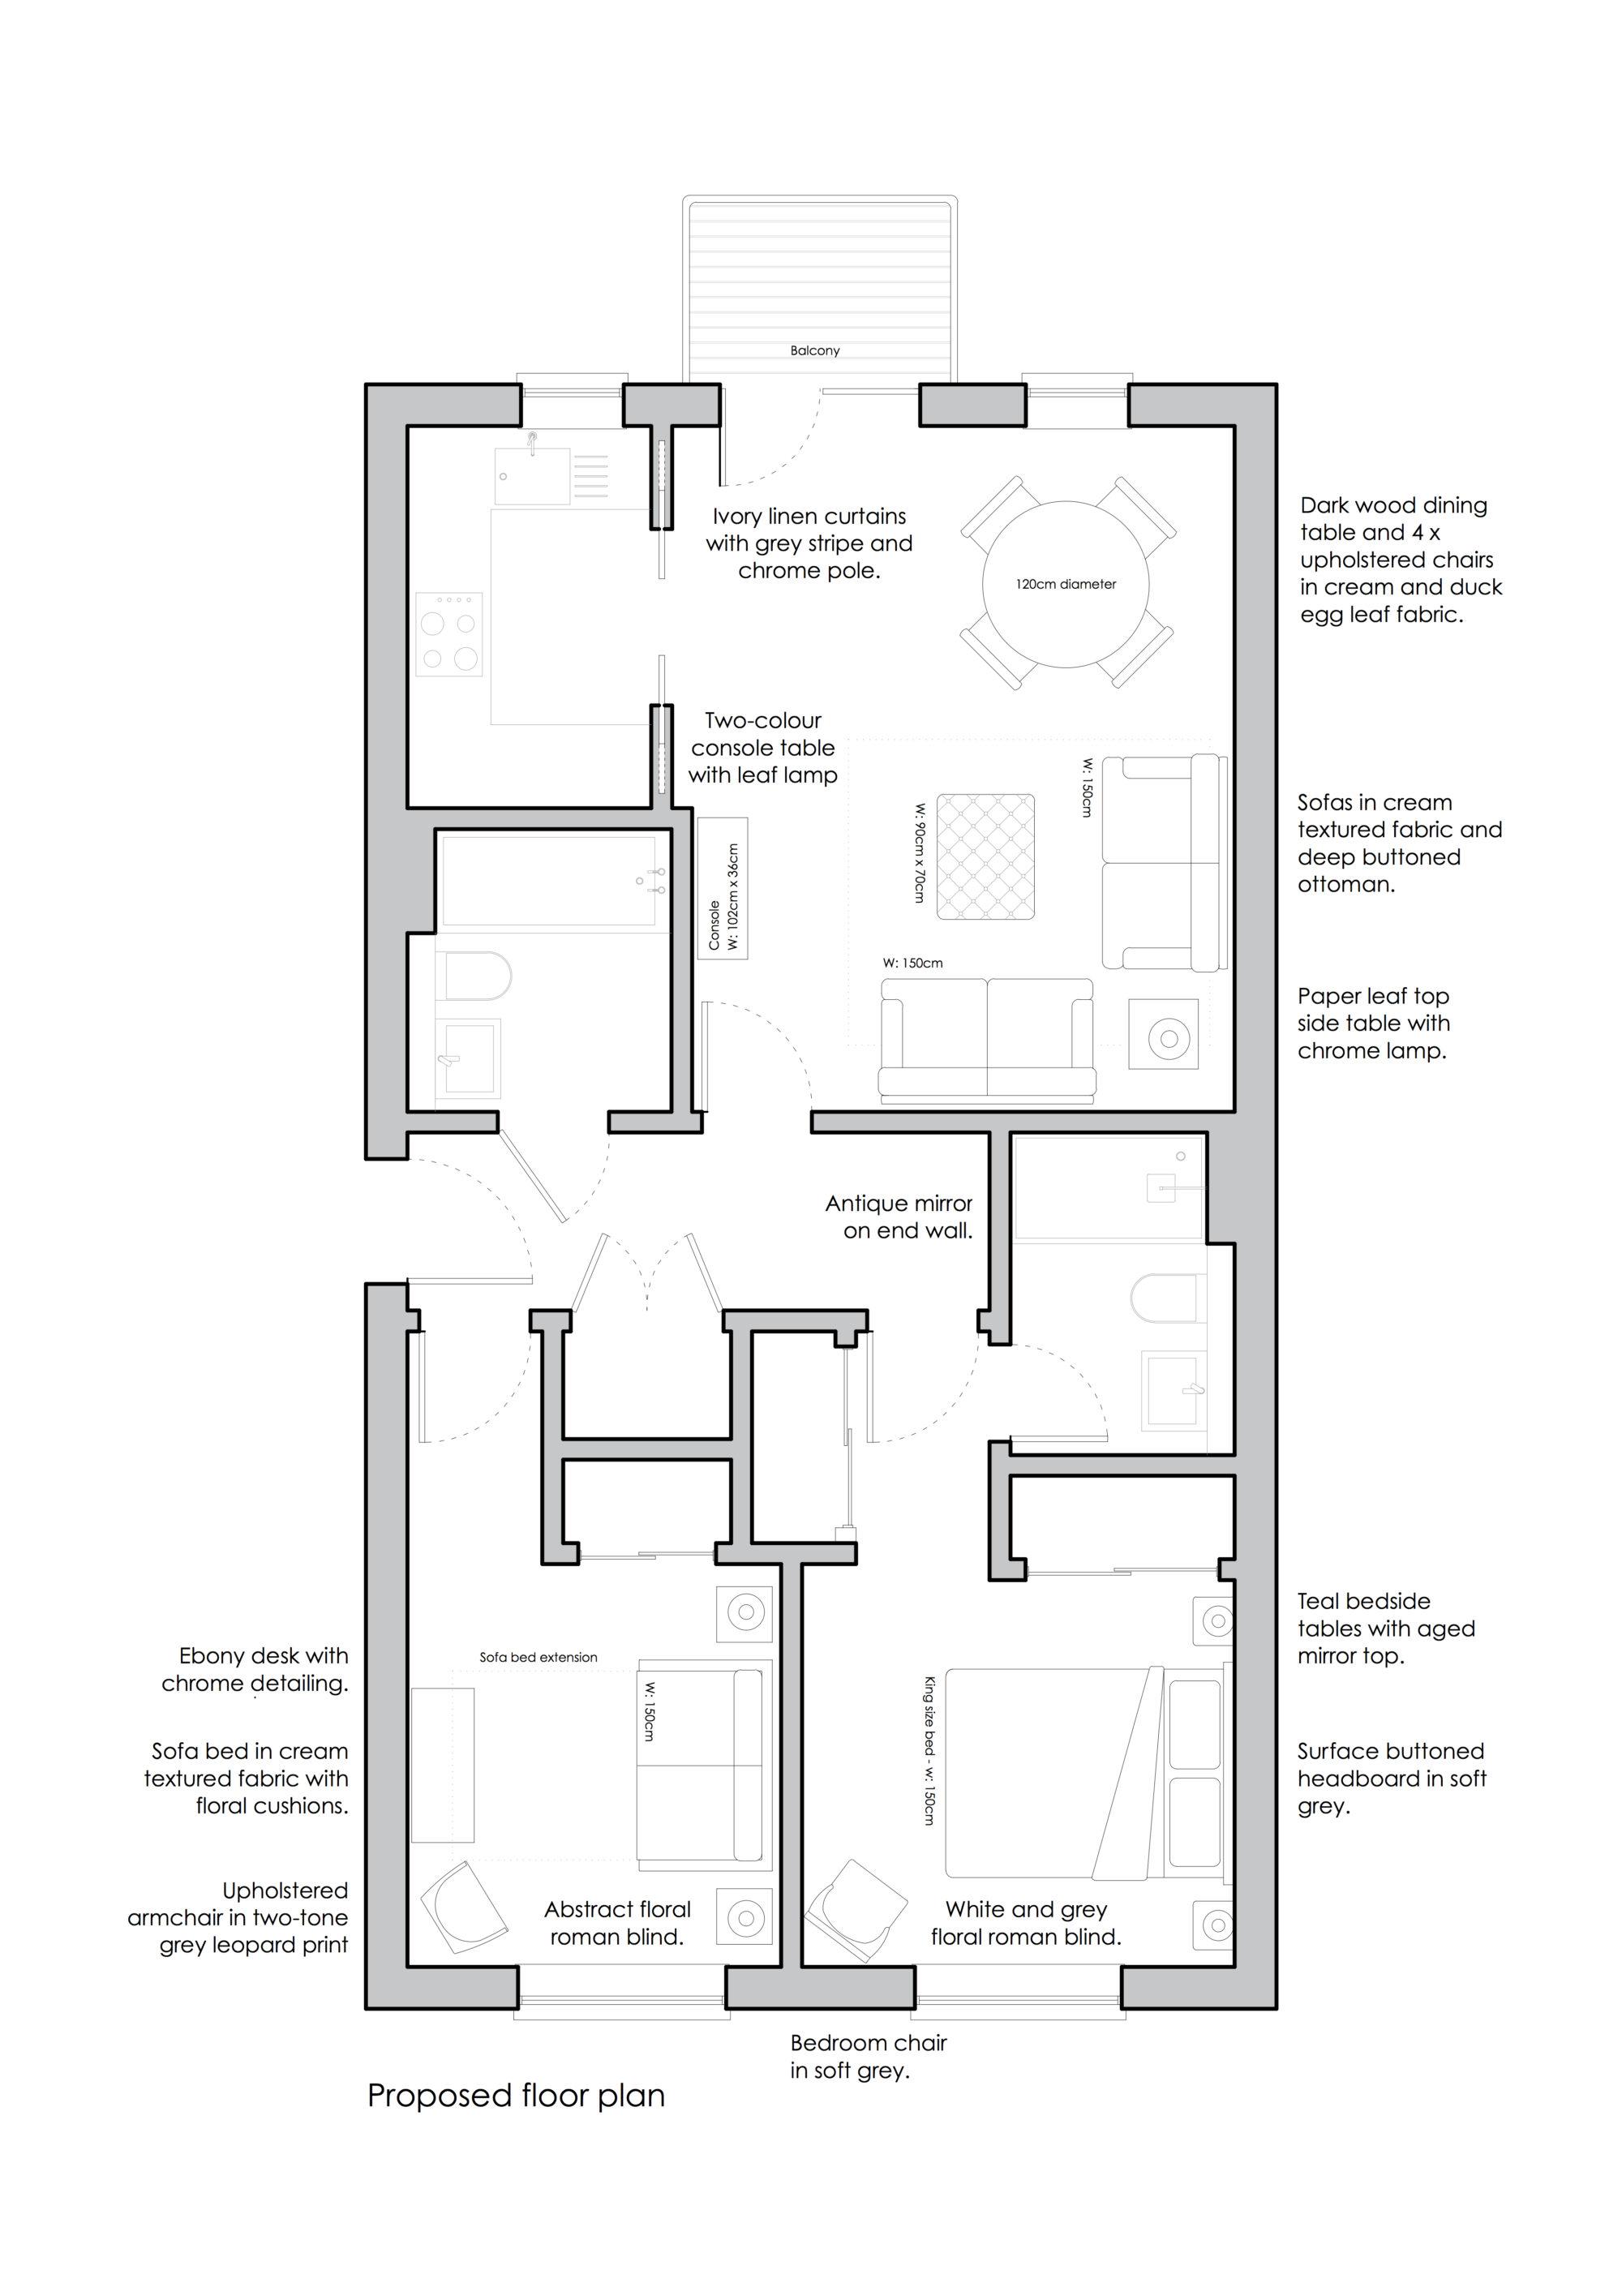 E-Design plan